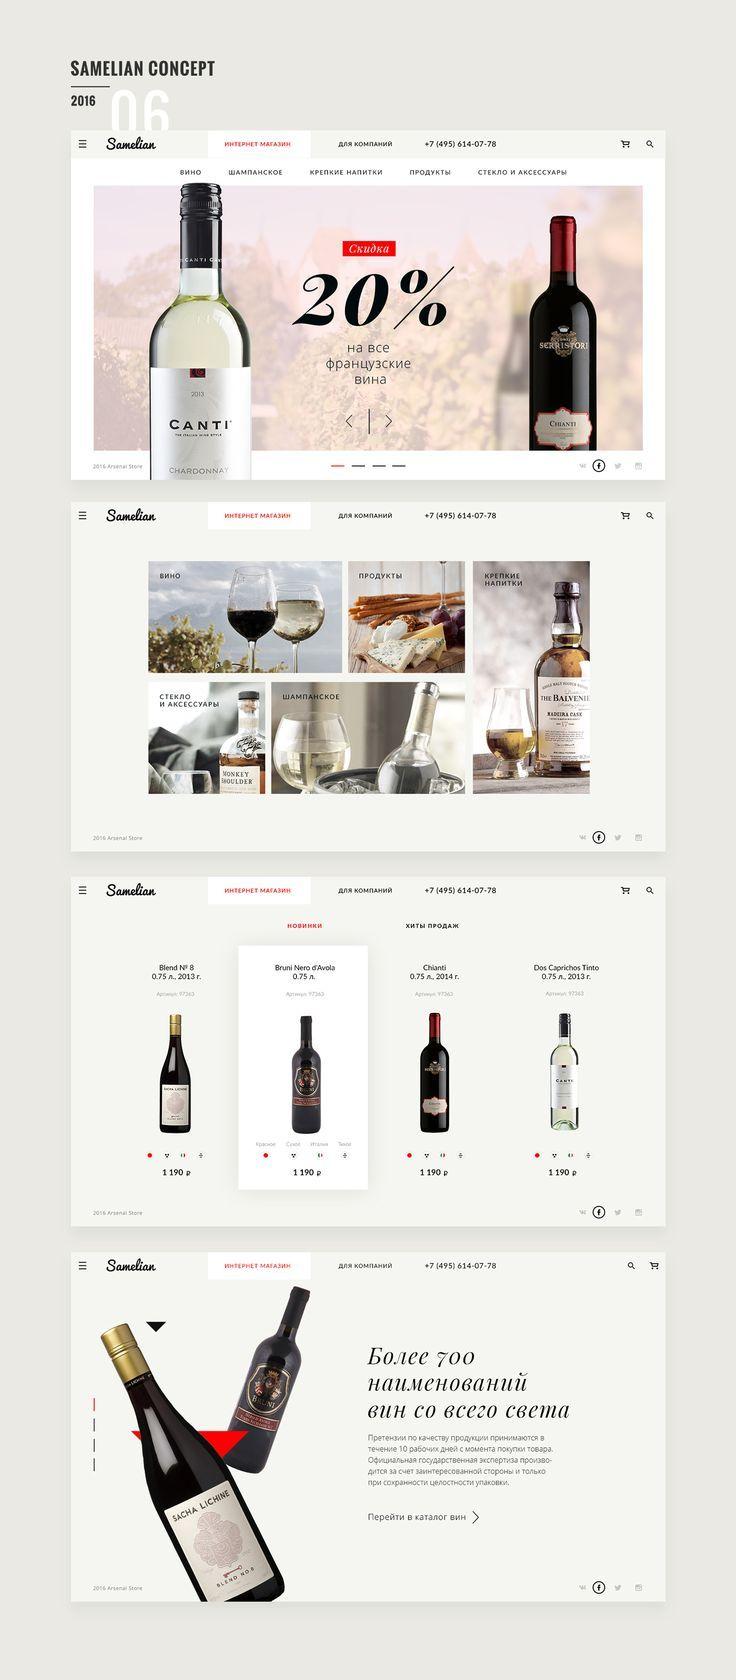 Website Design Compilation 2015 16 E Commerce Websites Templates Best Ecommerce Sites 201 Web Design Ecommerce Website Design Ecommerce Website Inspiration